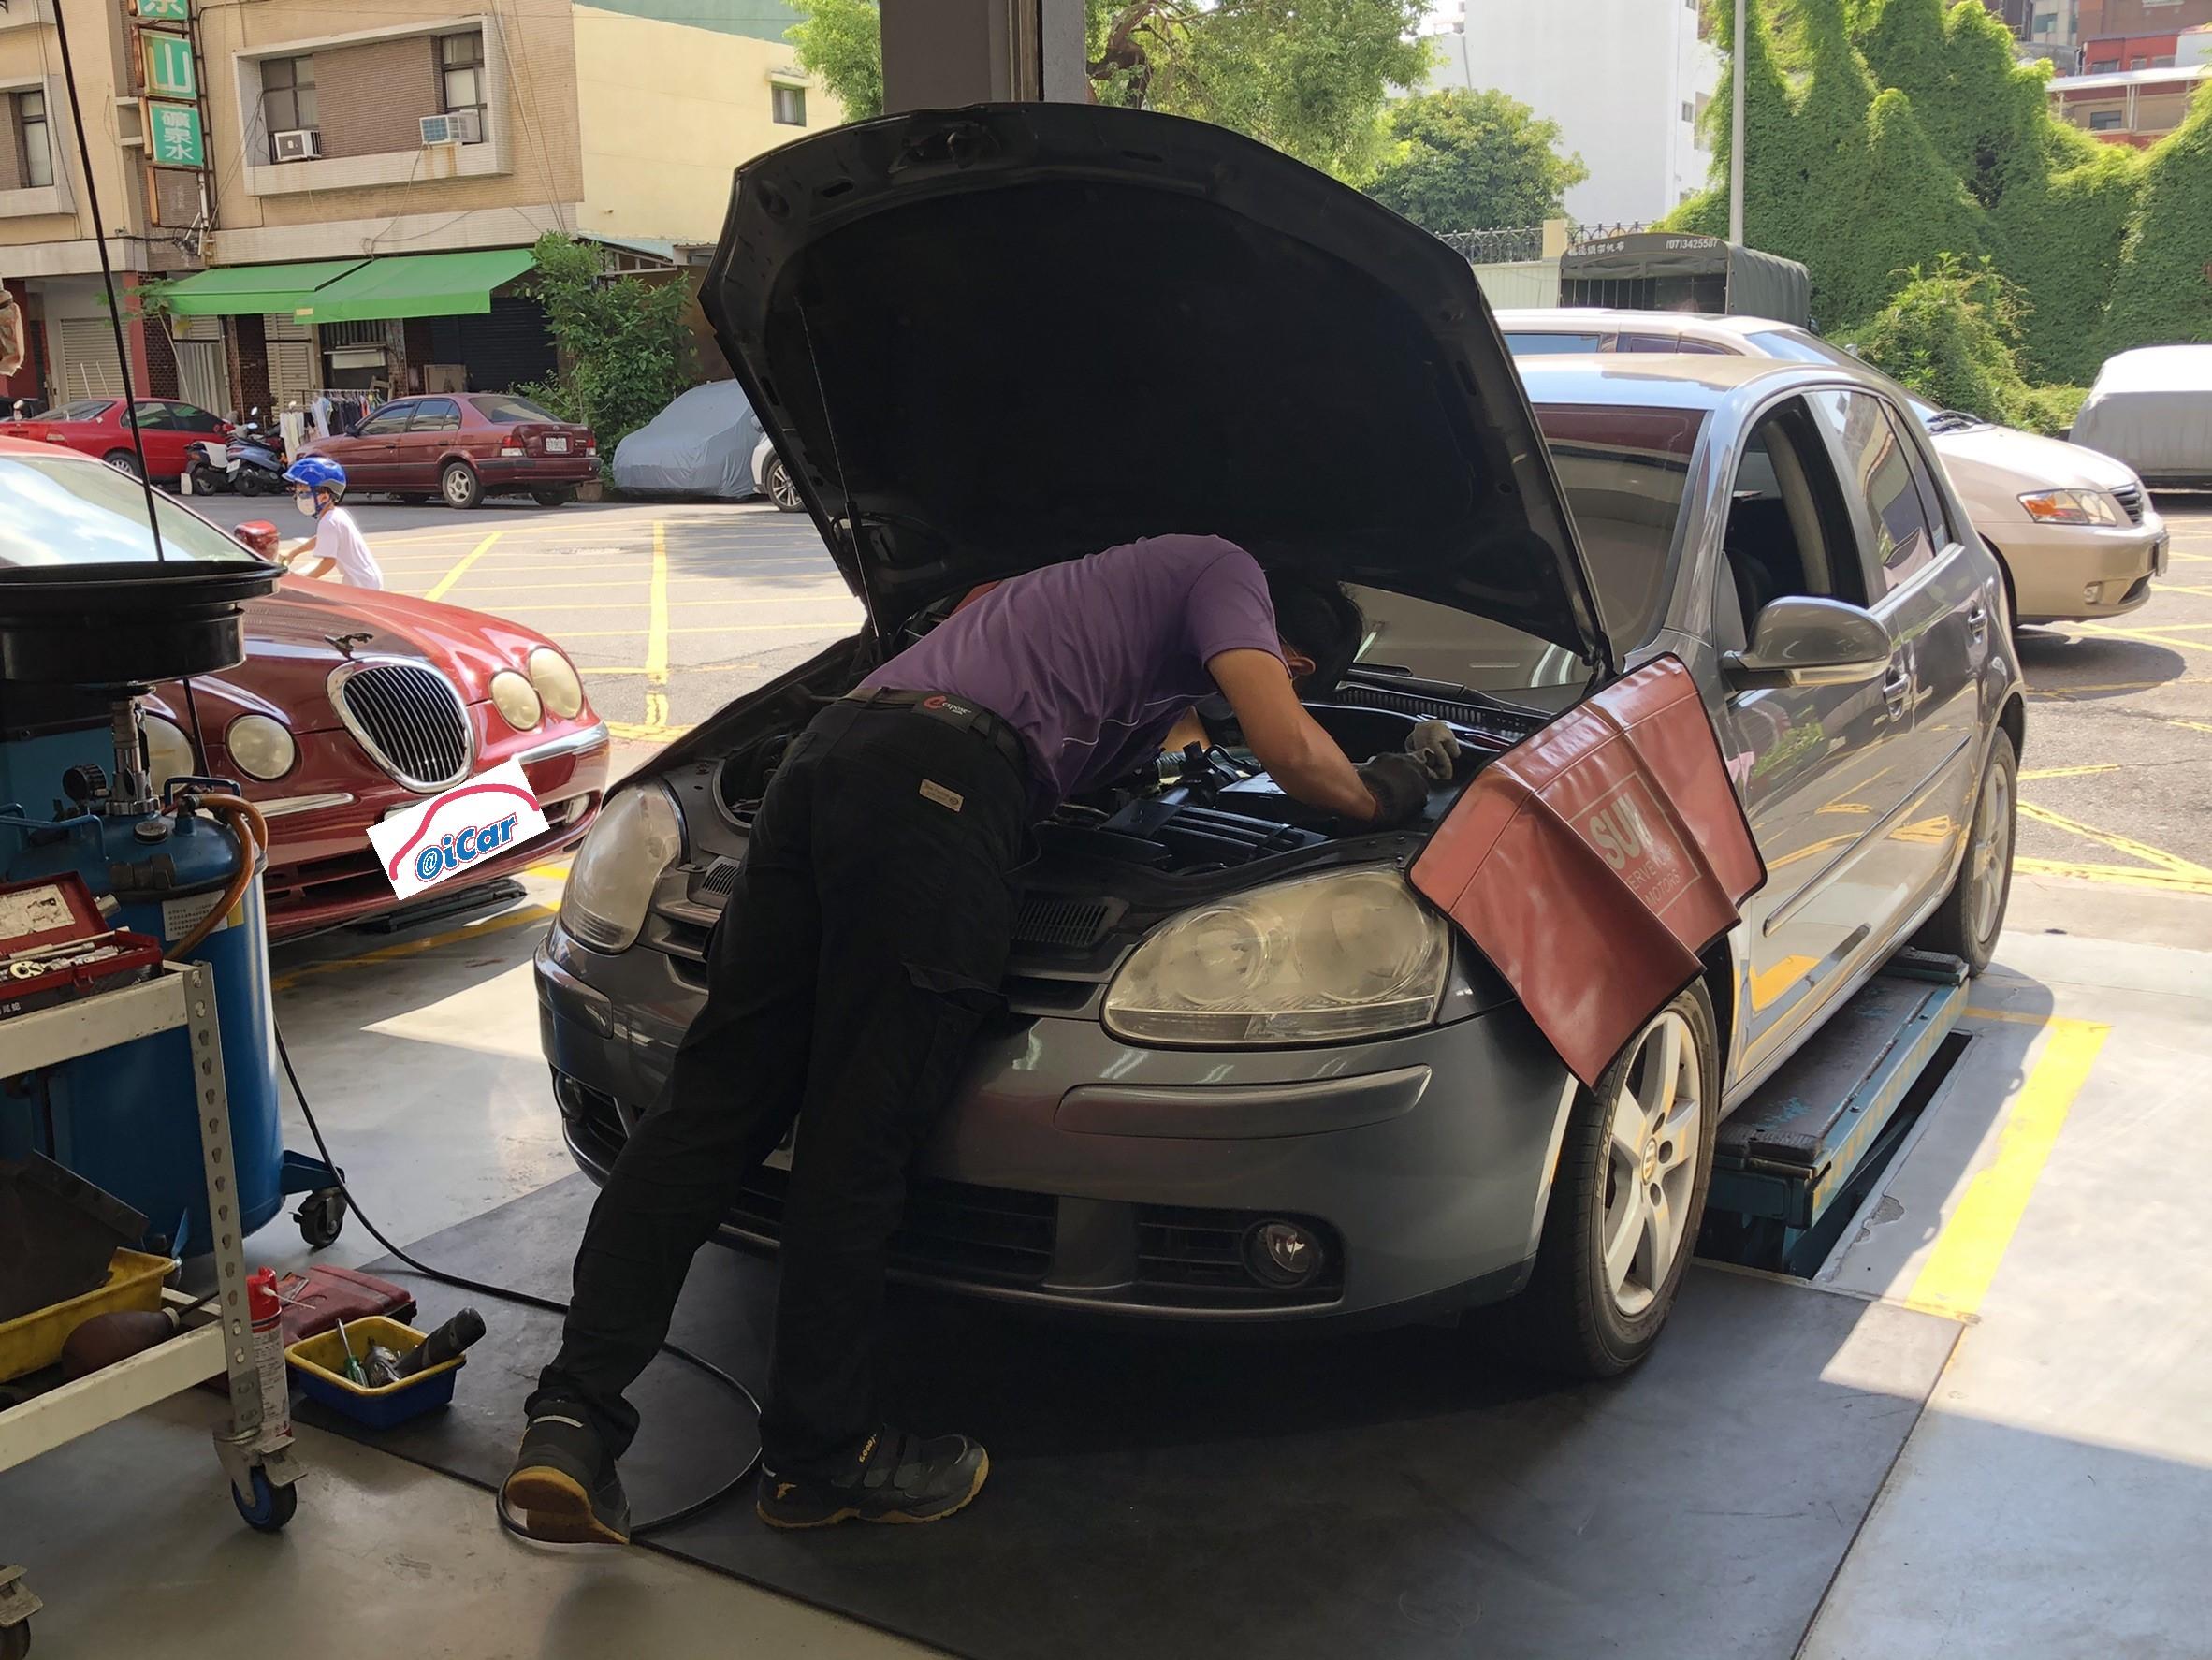 【速得安保修】福斯 高爾夫/VW GOLF/引擎異音問題#加速無力感#渦輪增壓軟管破裂#正廠零件#渦輪異音#OiCar高雄市三民區推薦汽車保養維修線上預約保障服務